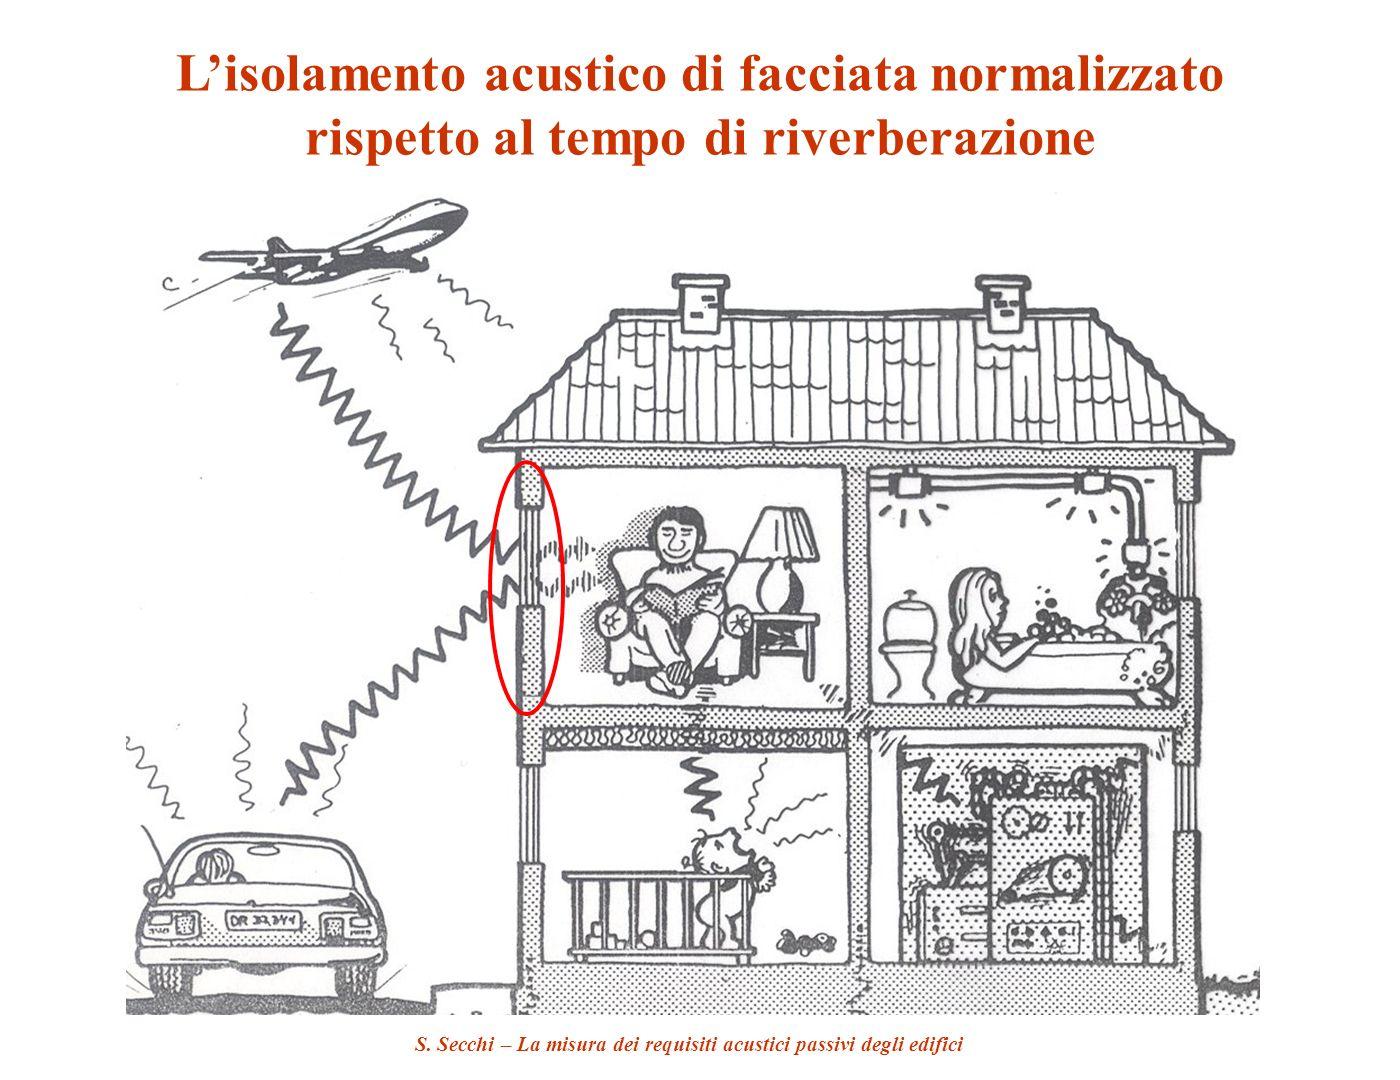 L'isolamento acustico di facciata normalizzato rispetto al tempo di riverberazione